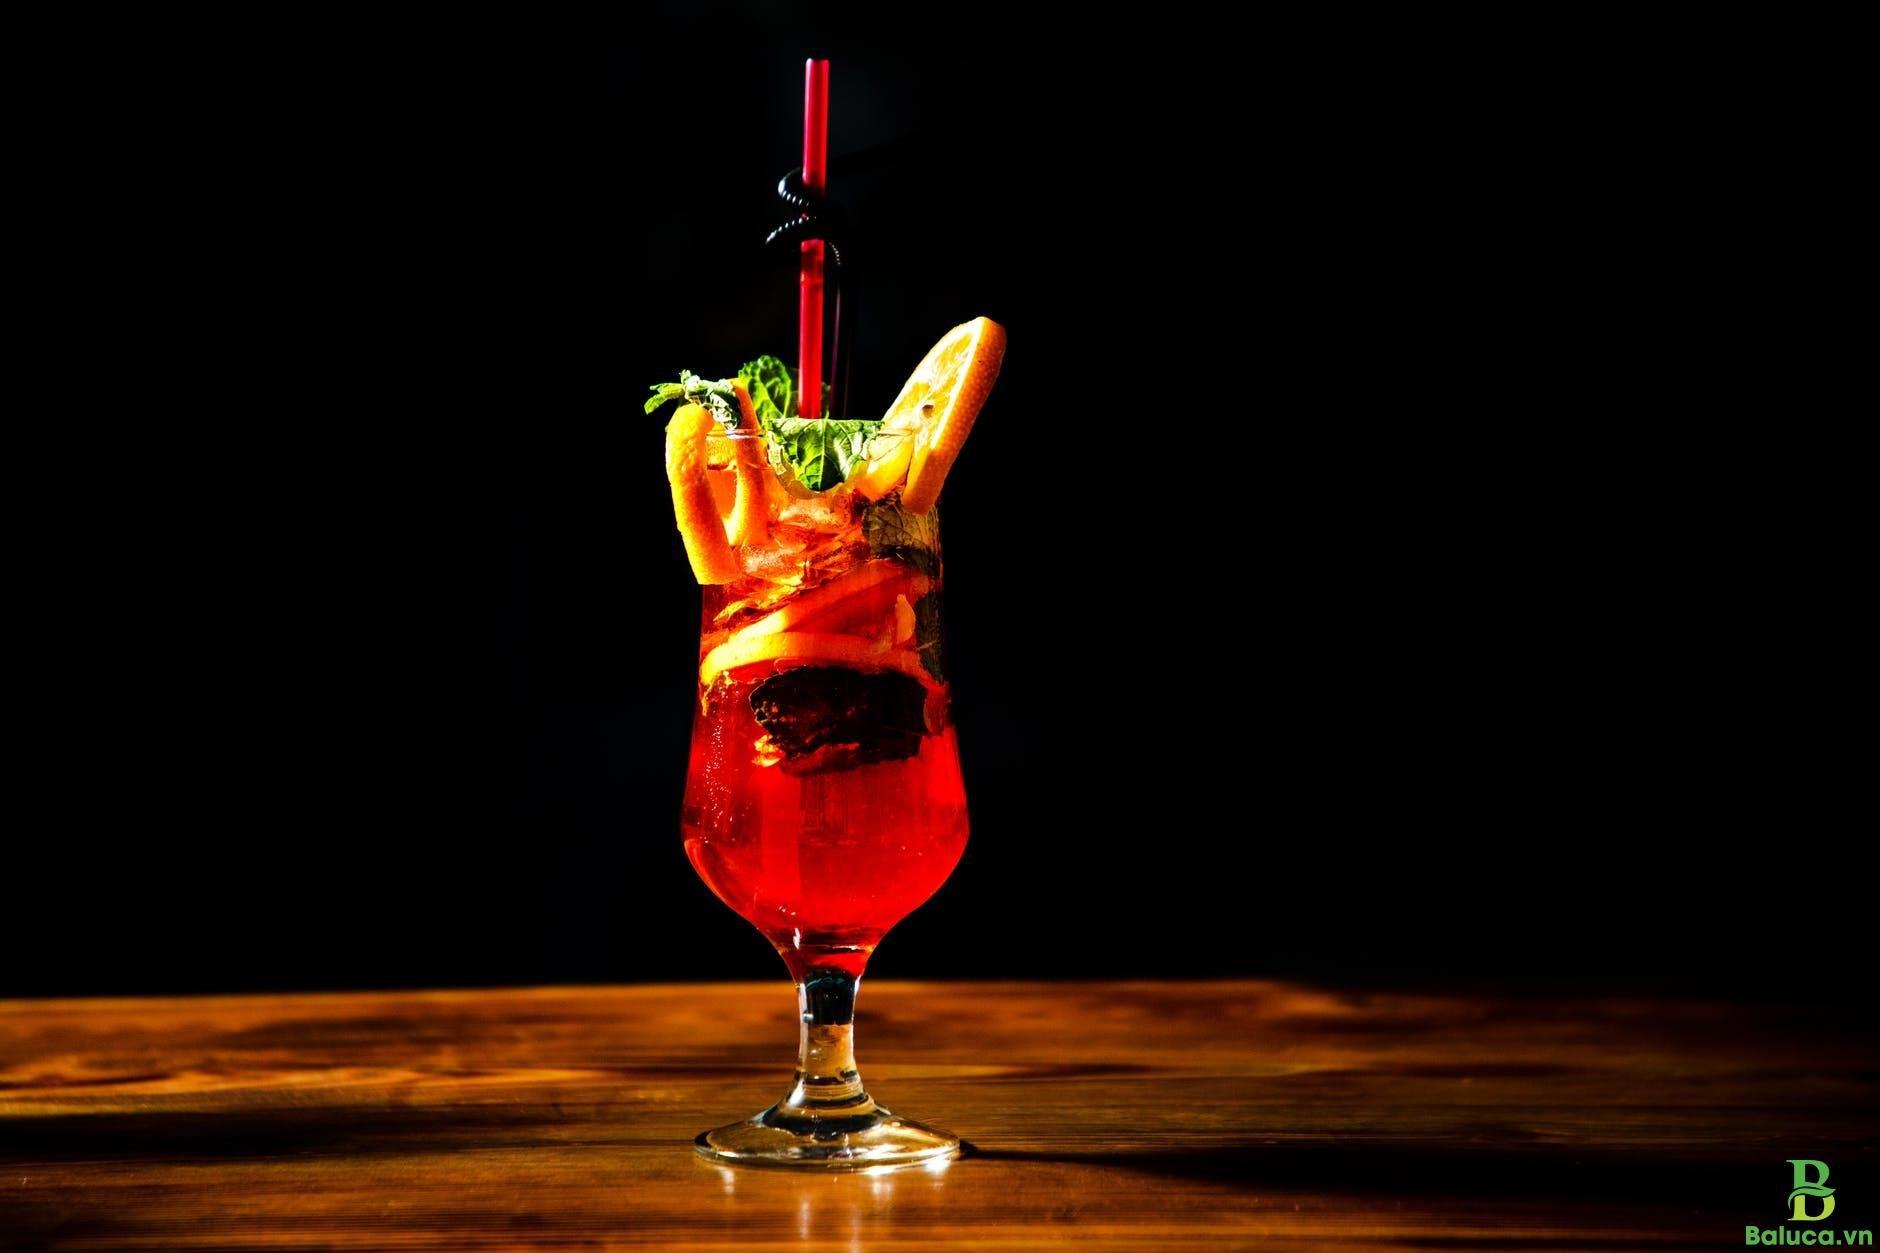 Học pha chế đồ uống tại nhà